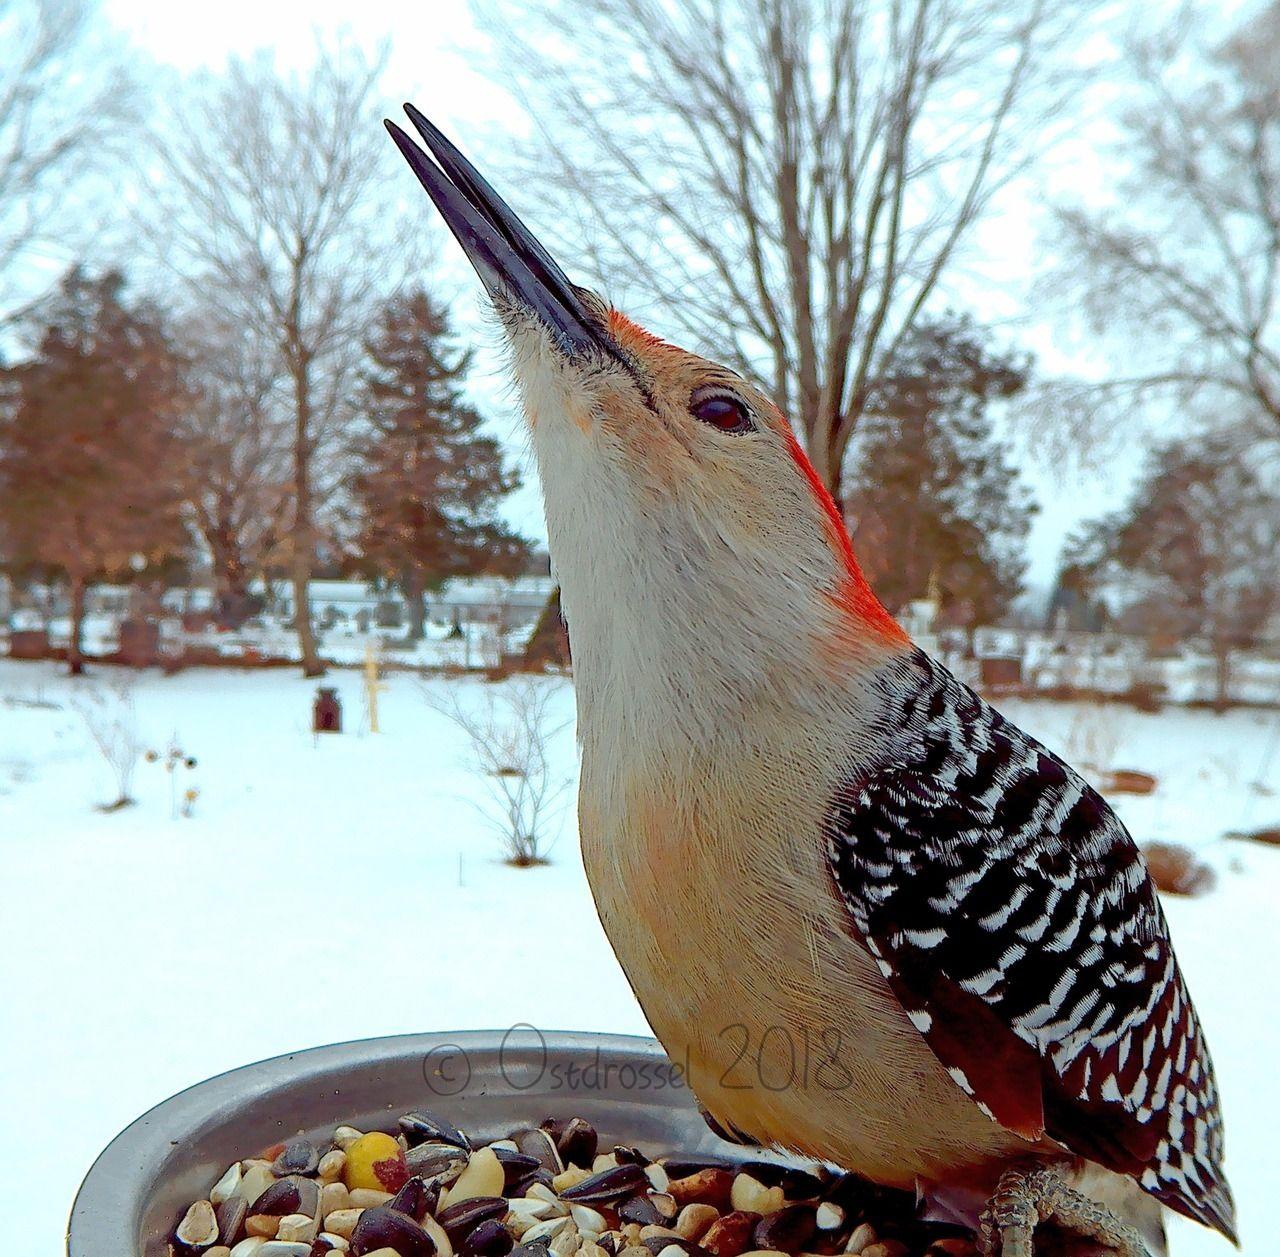 Shaaaaaaddddde… - #america #backyard #birdlovers # ...